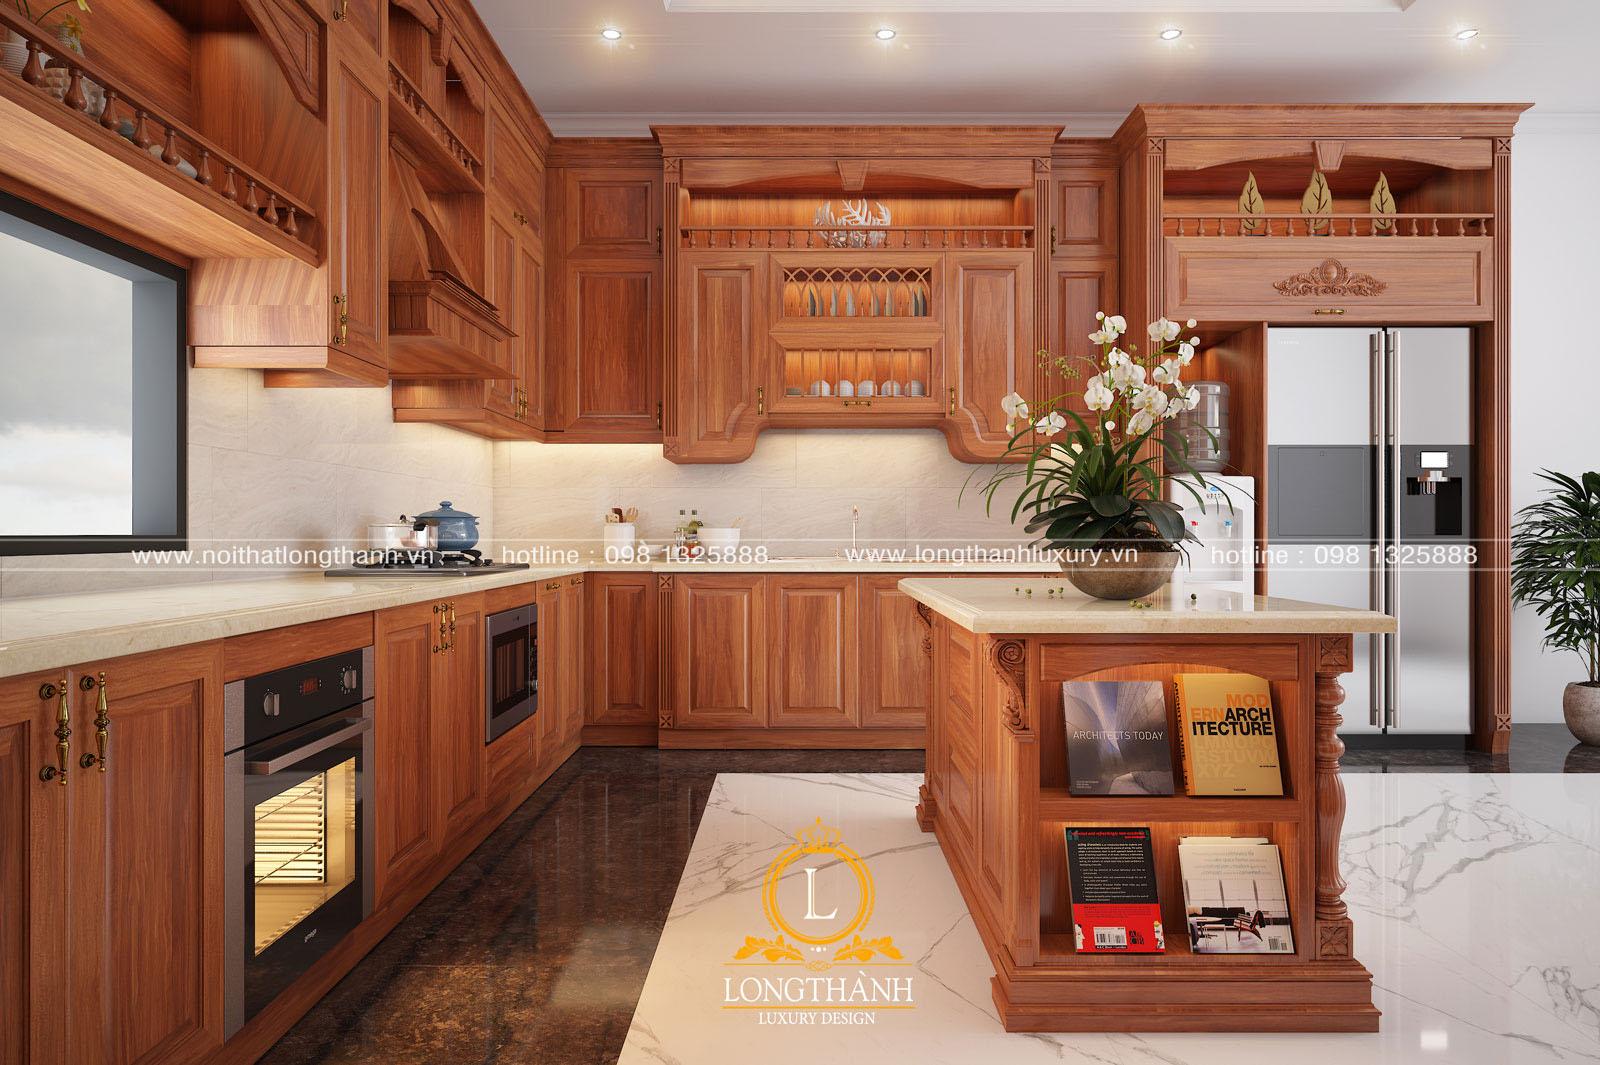 Mẫu thiết kế tủ bếp gỗ tự nhiên đẹp mã số LT 53 góc nhìn thứ 4